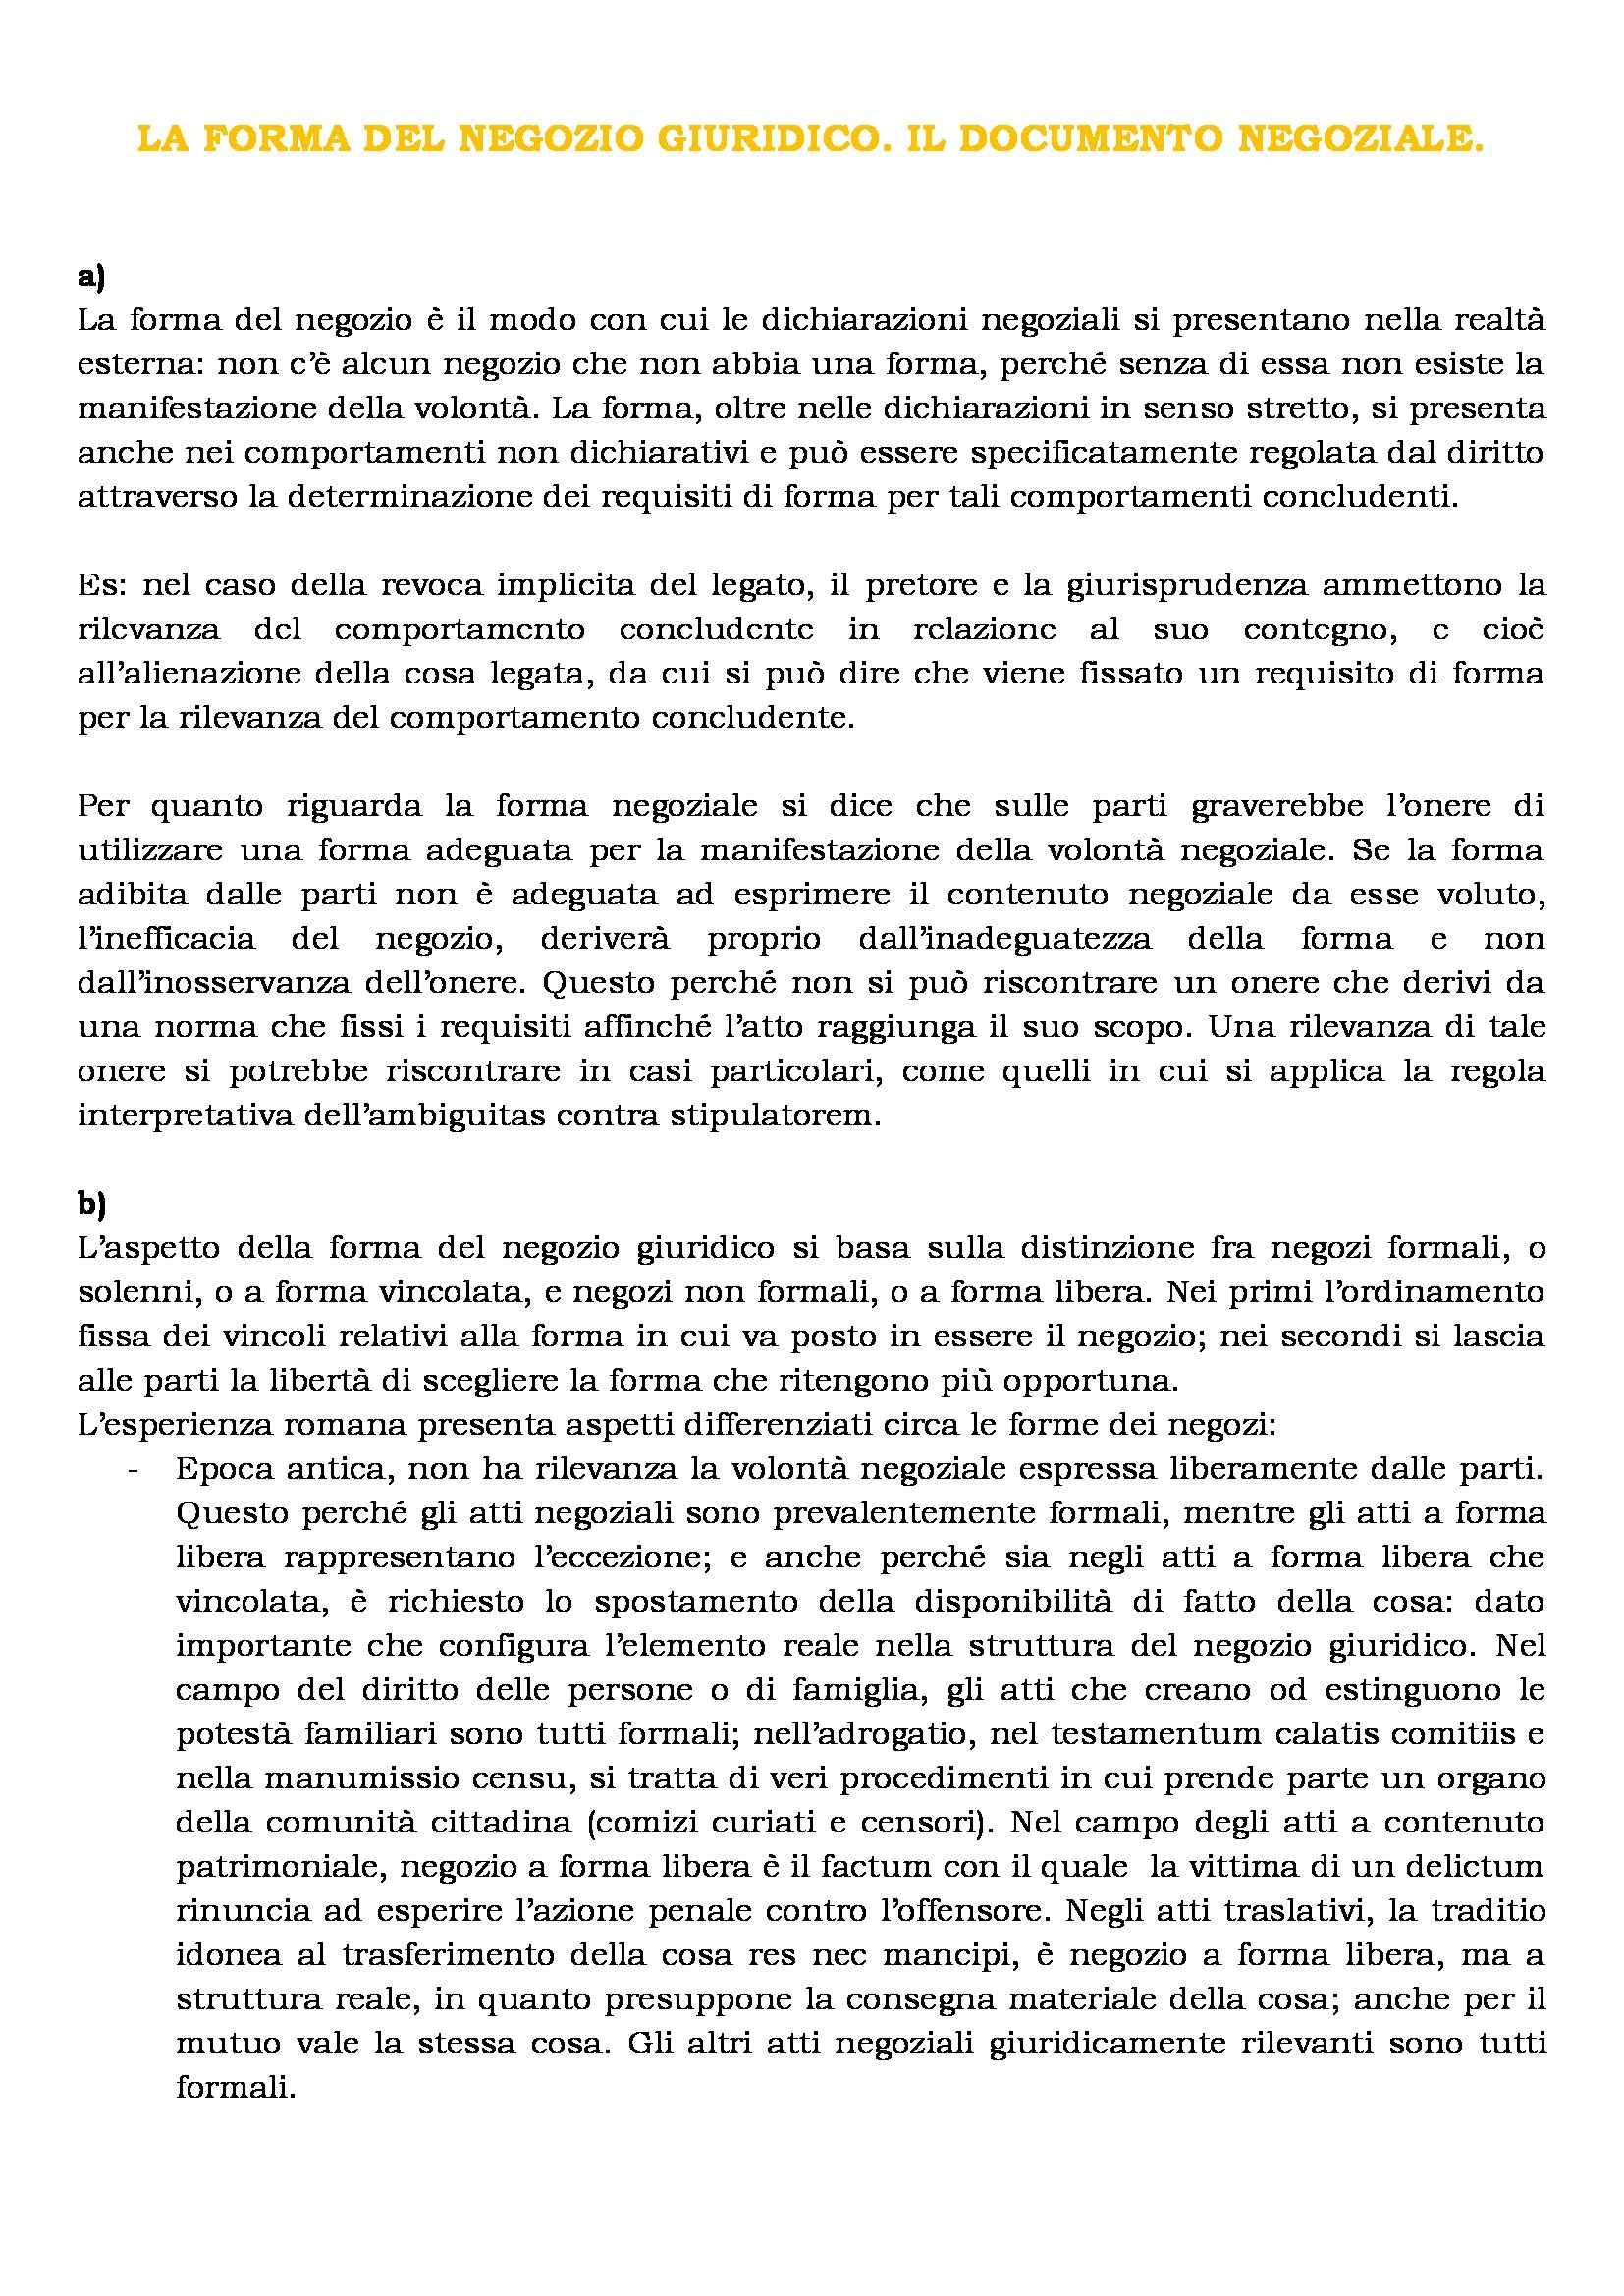 Istituzioni di diritto romano - la forma del negozio giuridico